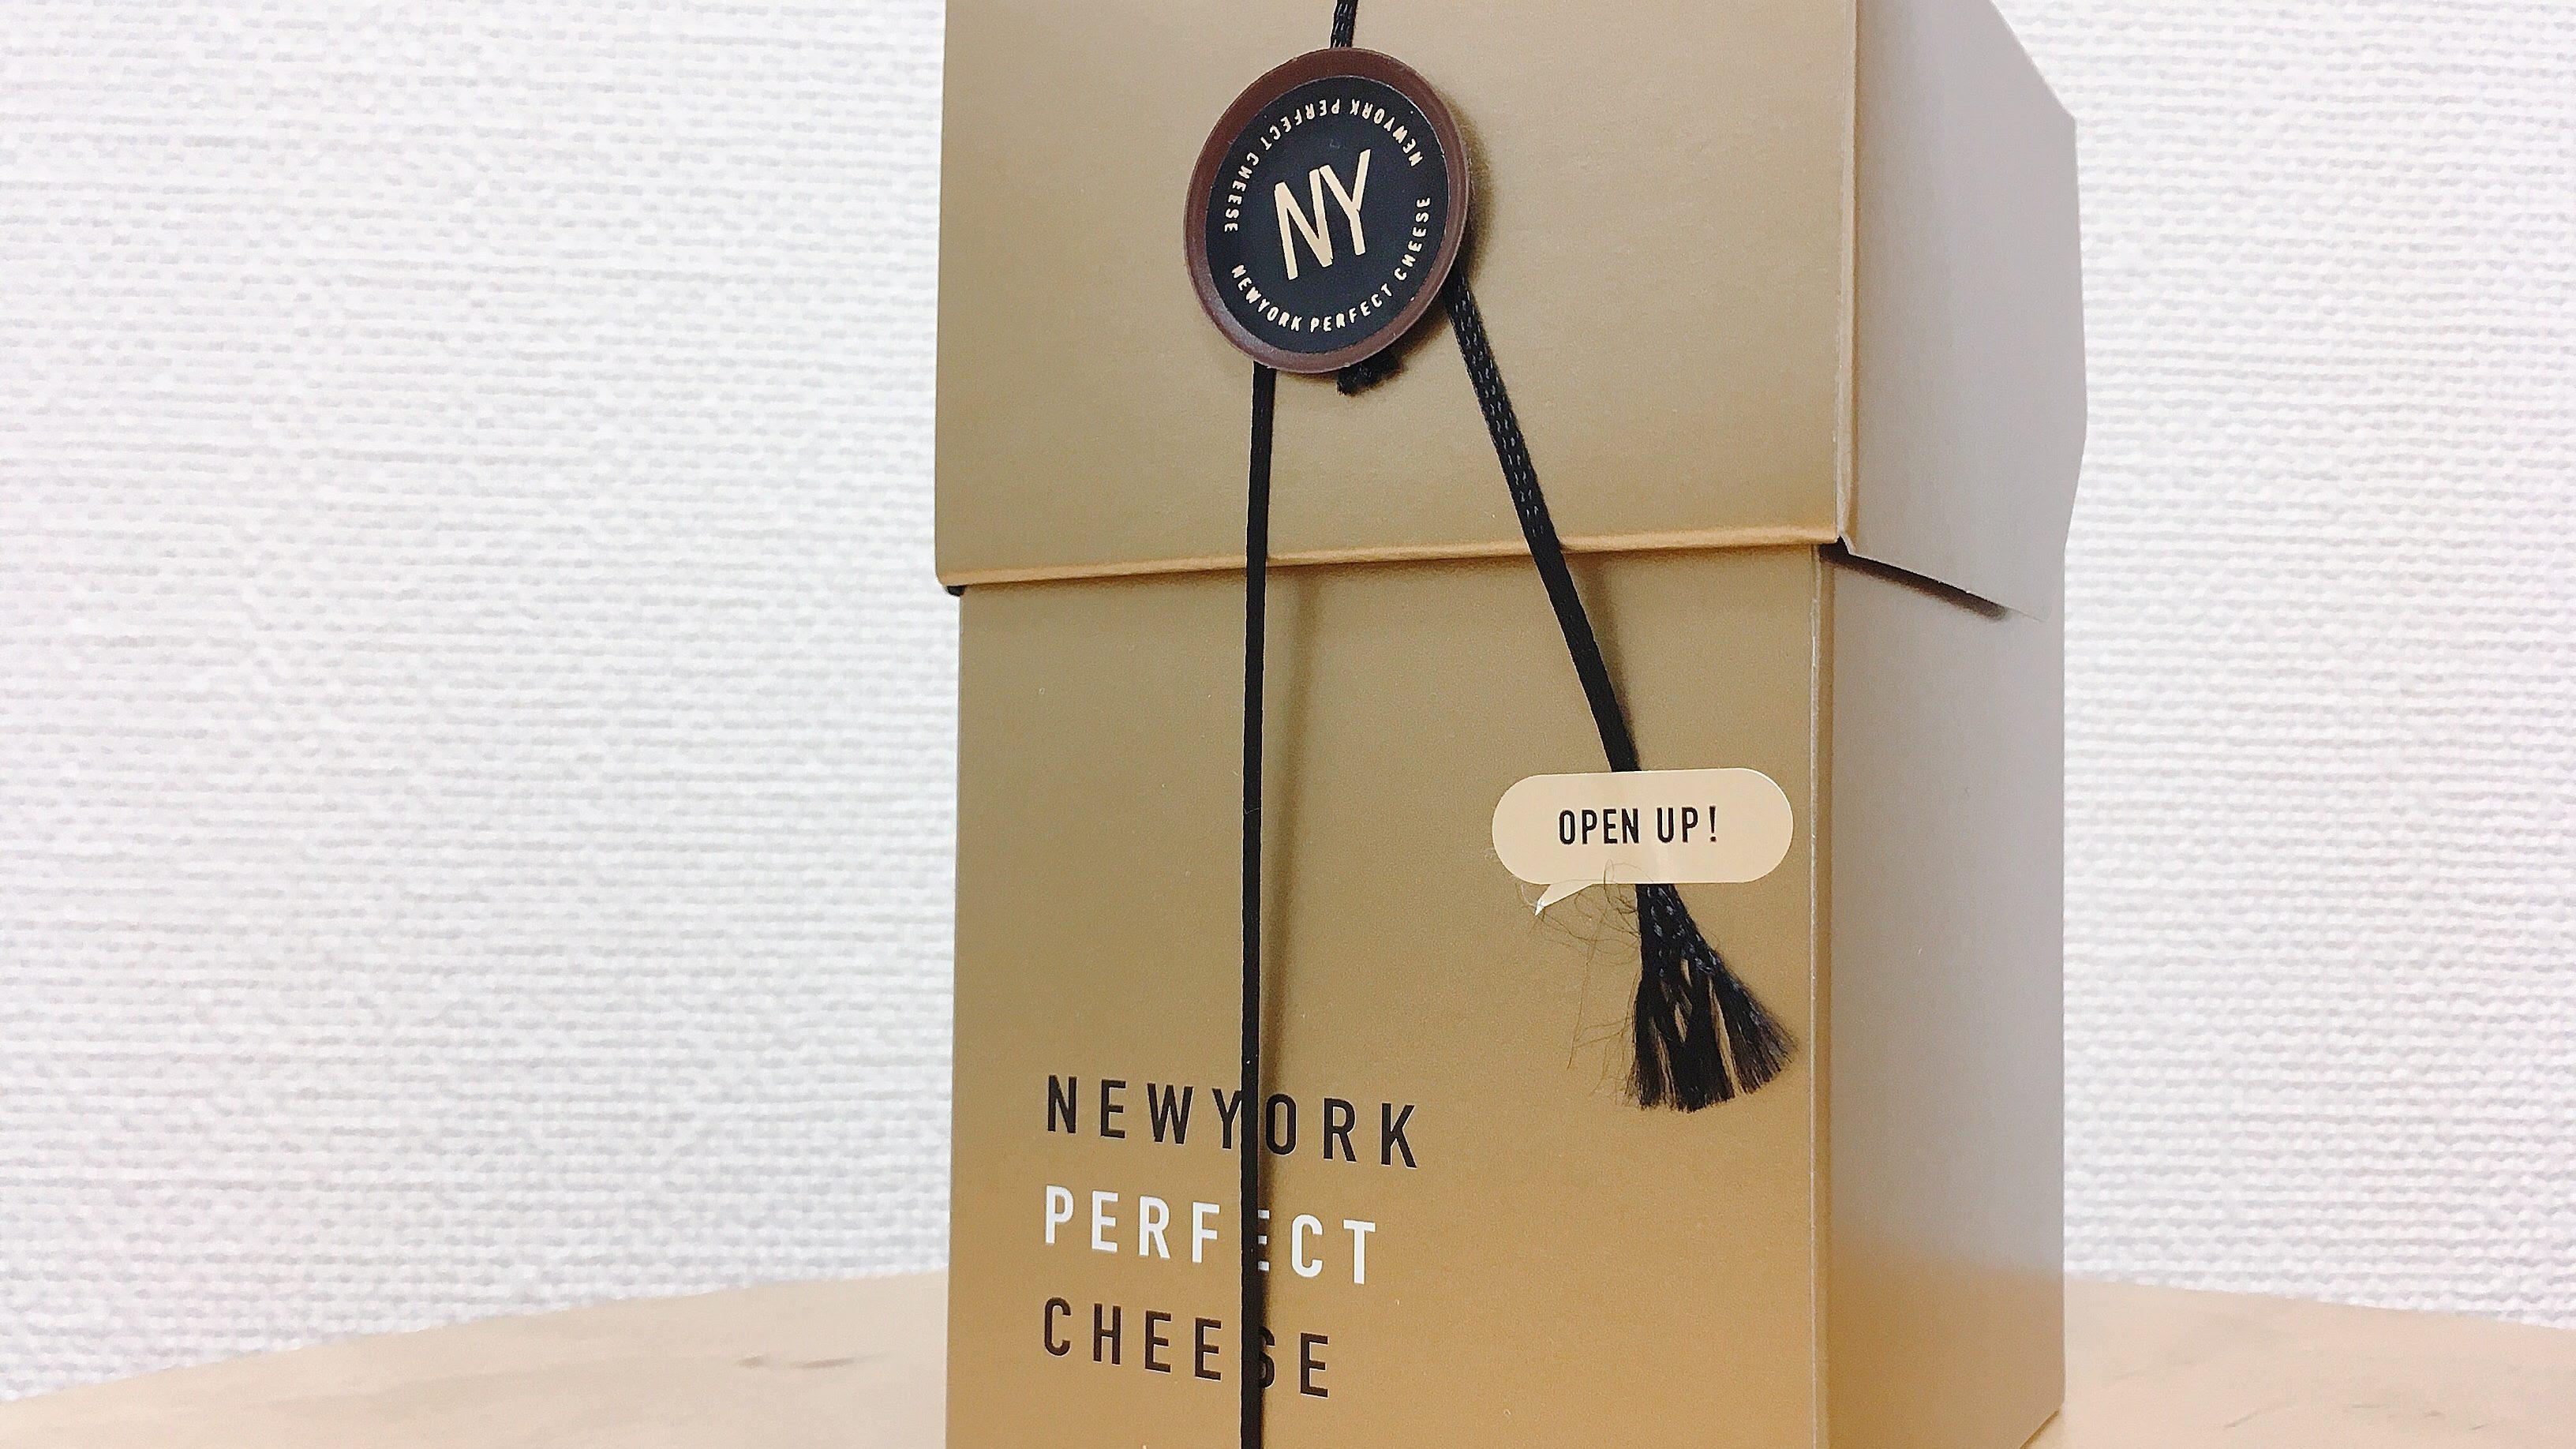 ニューヨークパーフェクトチーズの箱